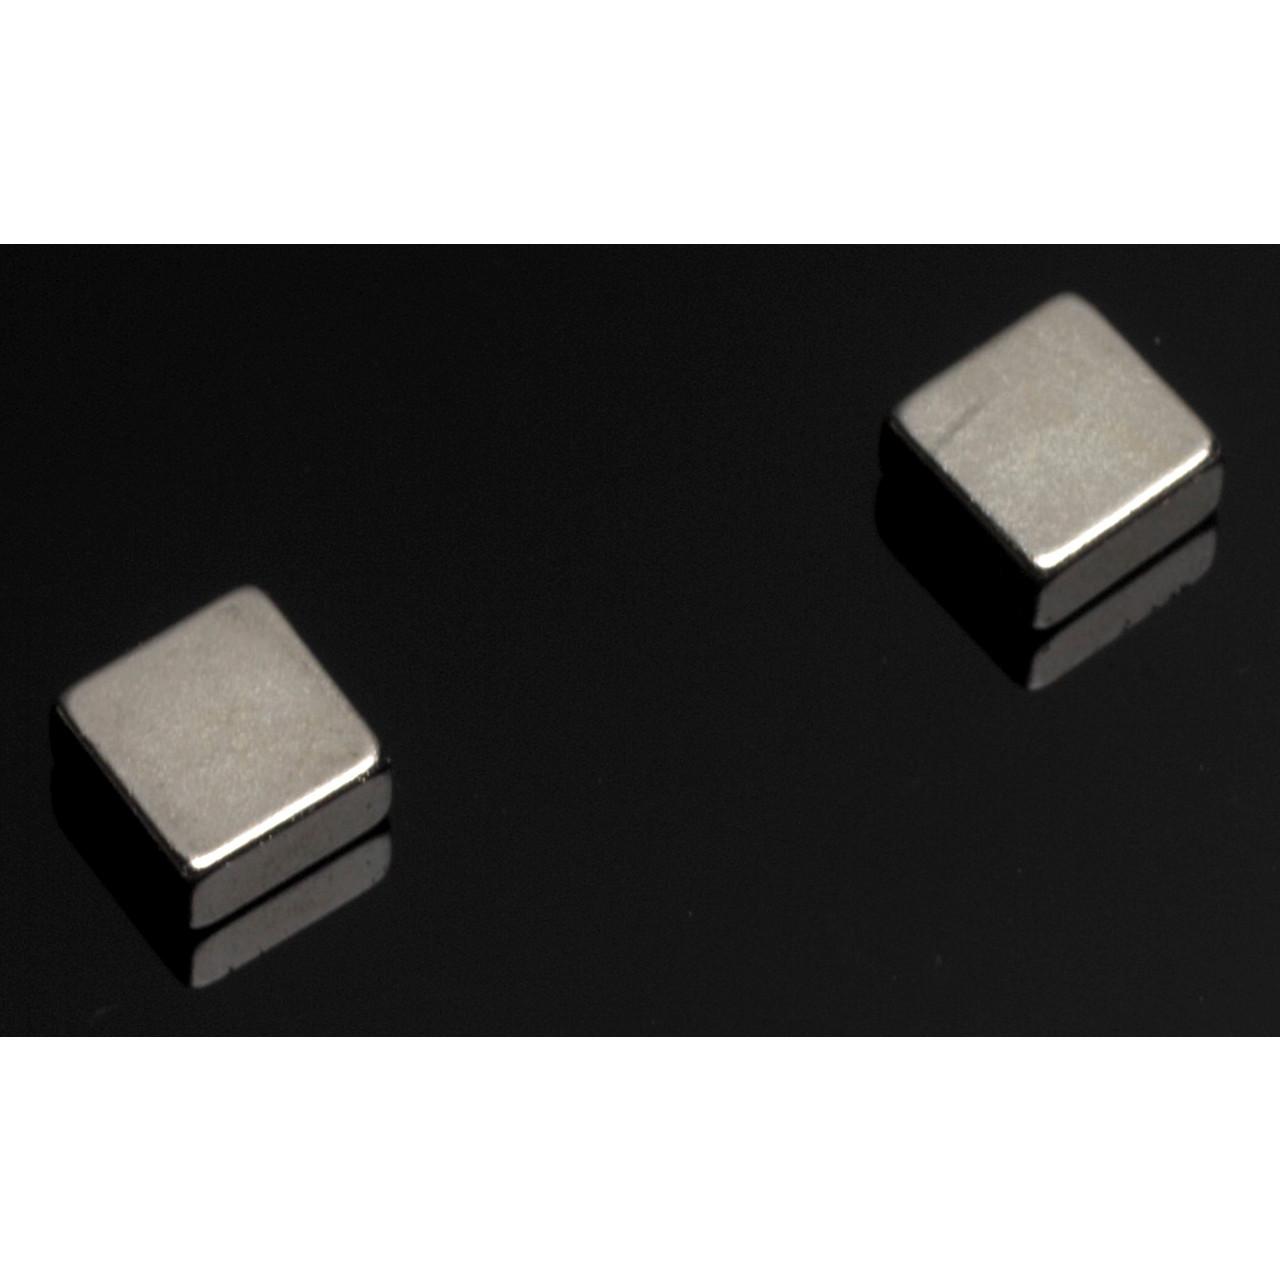 Fabriksnye Stærke magneter - til glastavle NAGA stål firkantet - 6 stk. - Køb QM-47